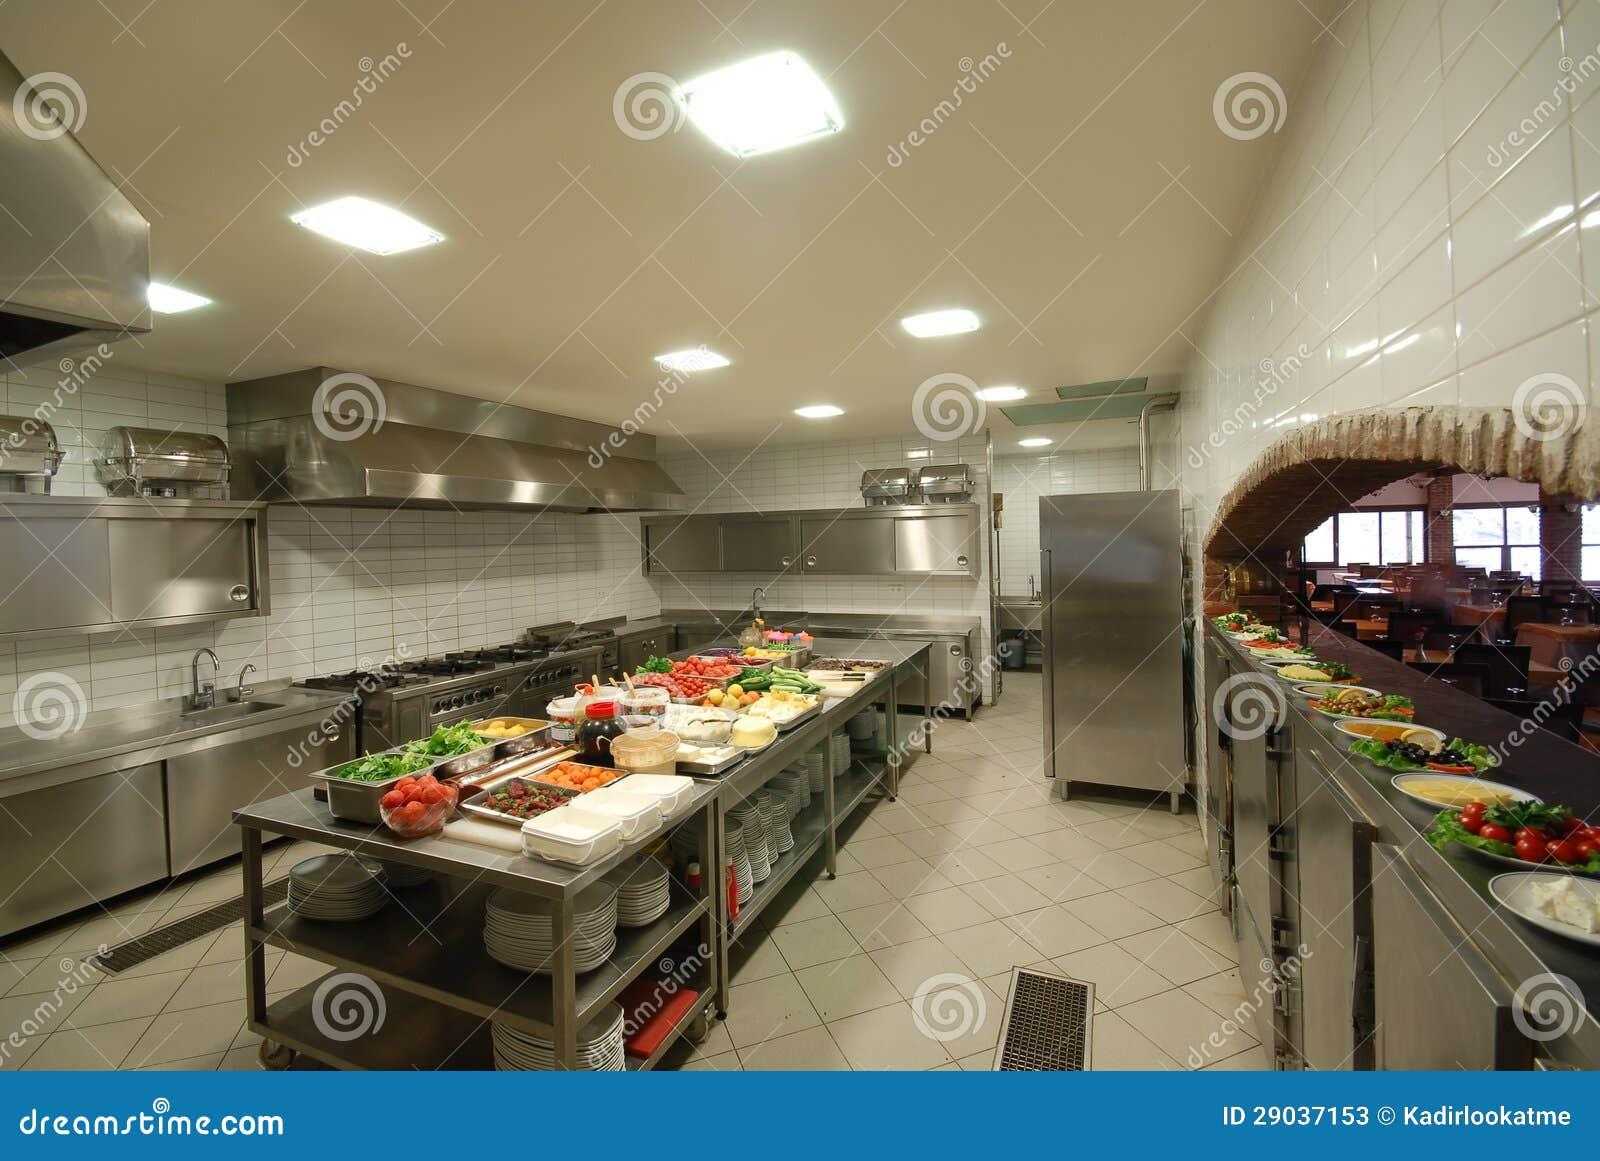 De keuken van het restaurant royalty vrije stock foto's ...